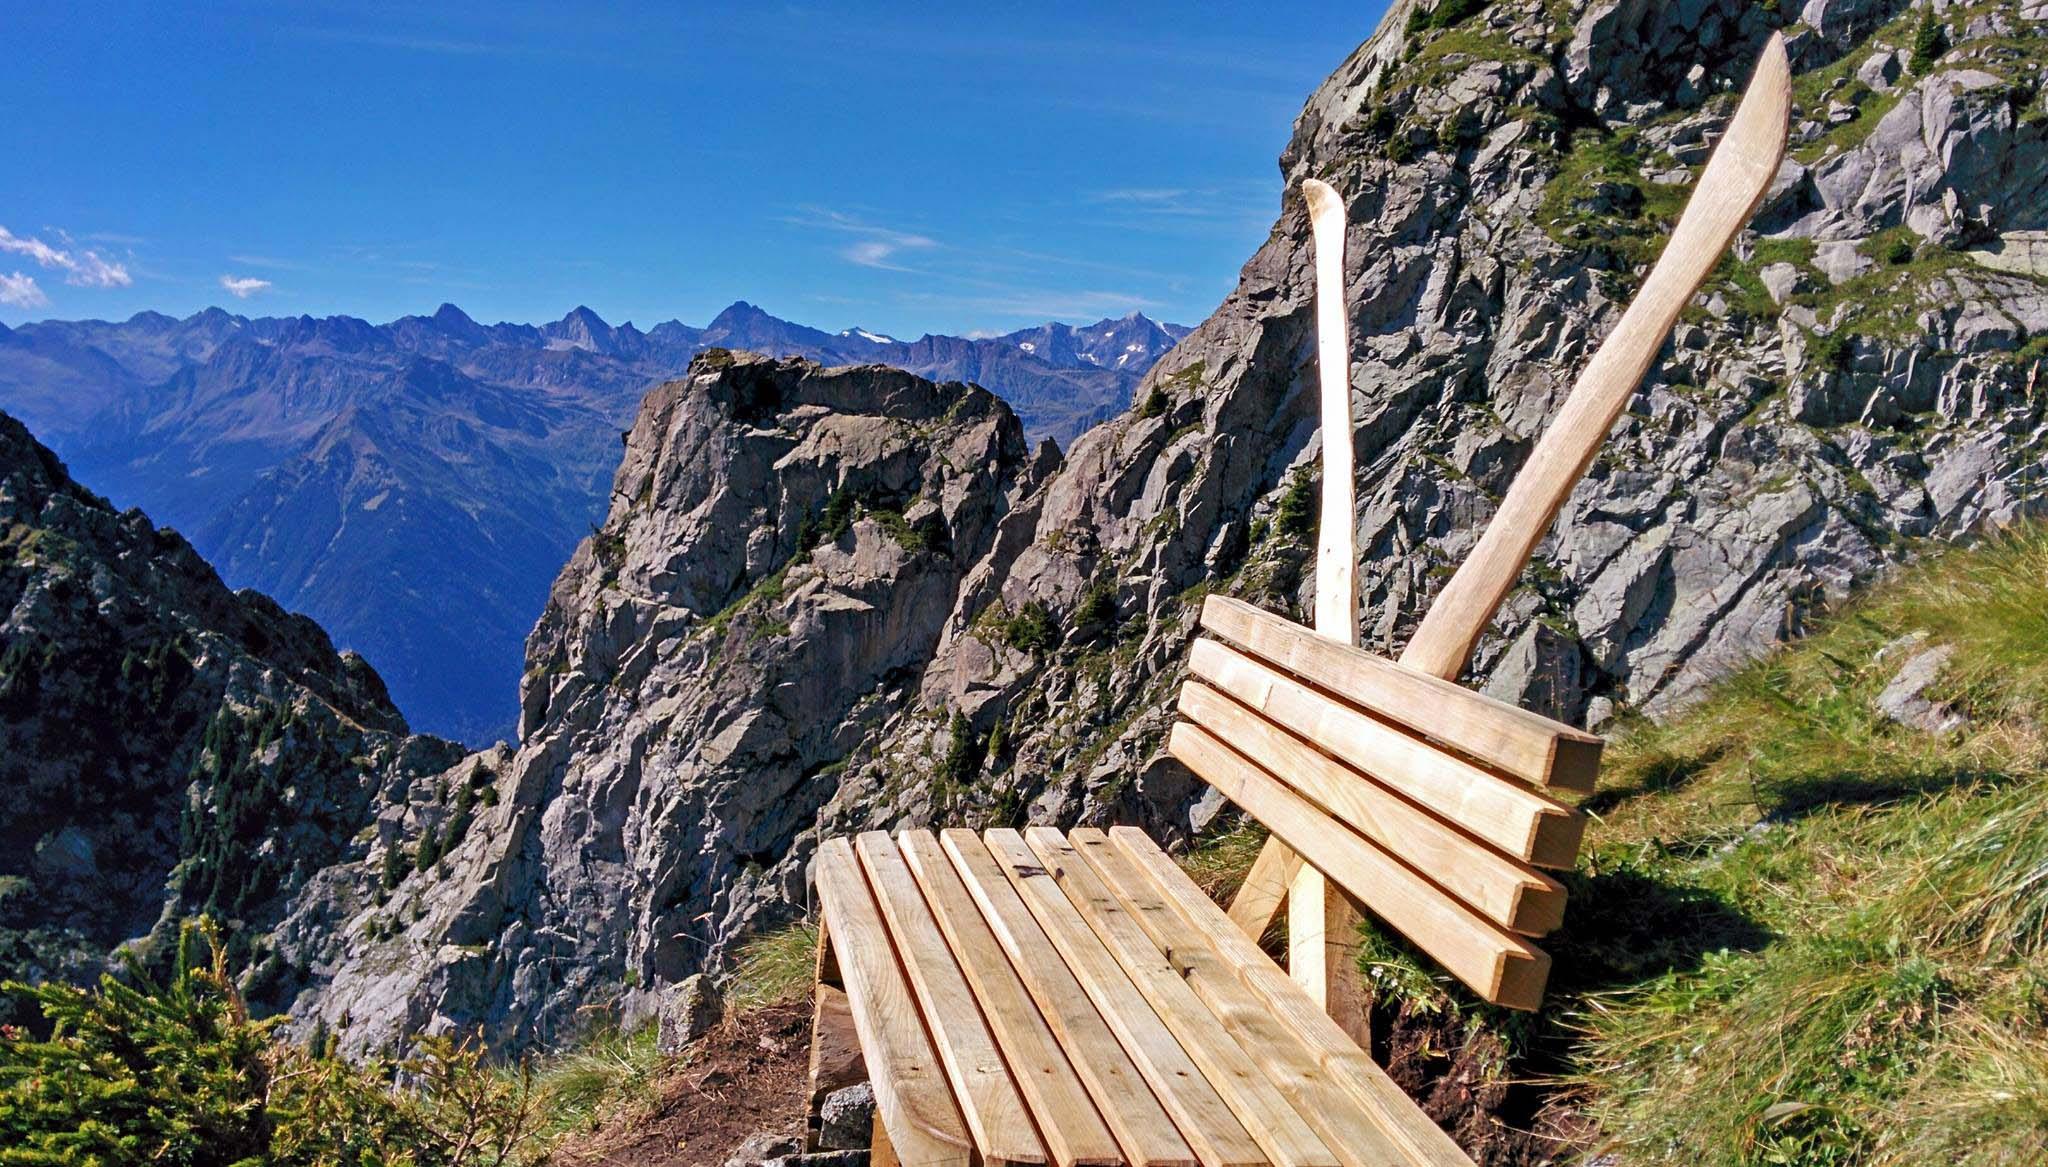 Klettersteig Ifinger : Der ut wandertipp Über den neuen klettersteig zum ifinger